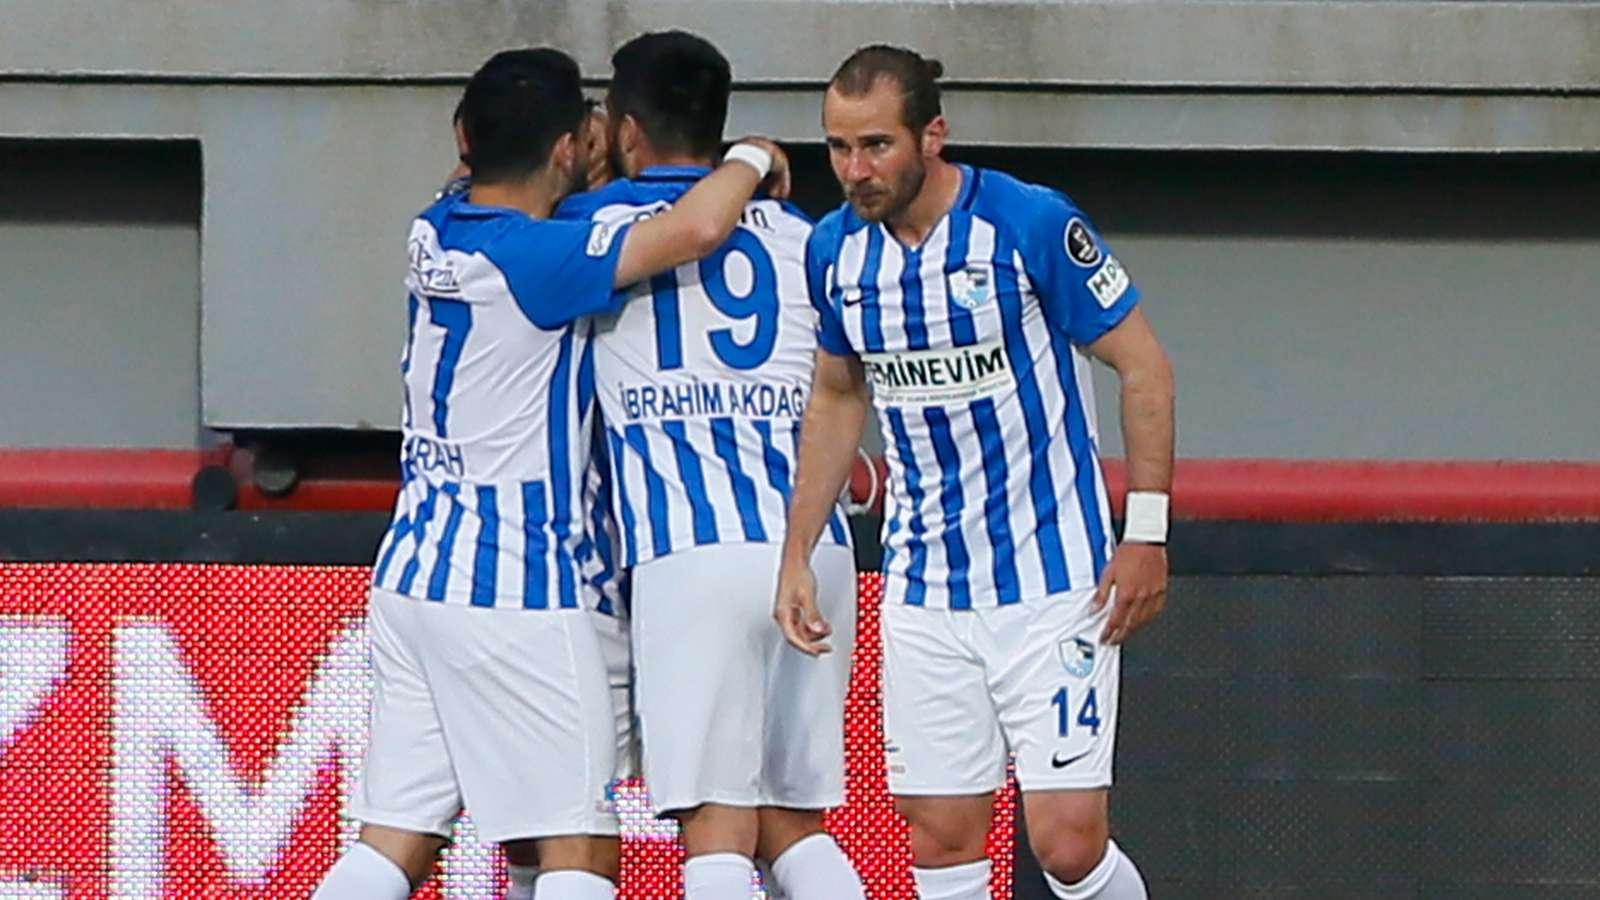 Kayserispor - BB Erzurumspor maçının muhtemel 11'leri